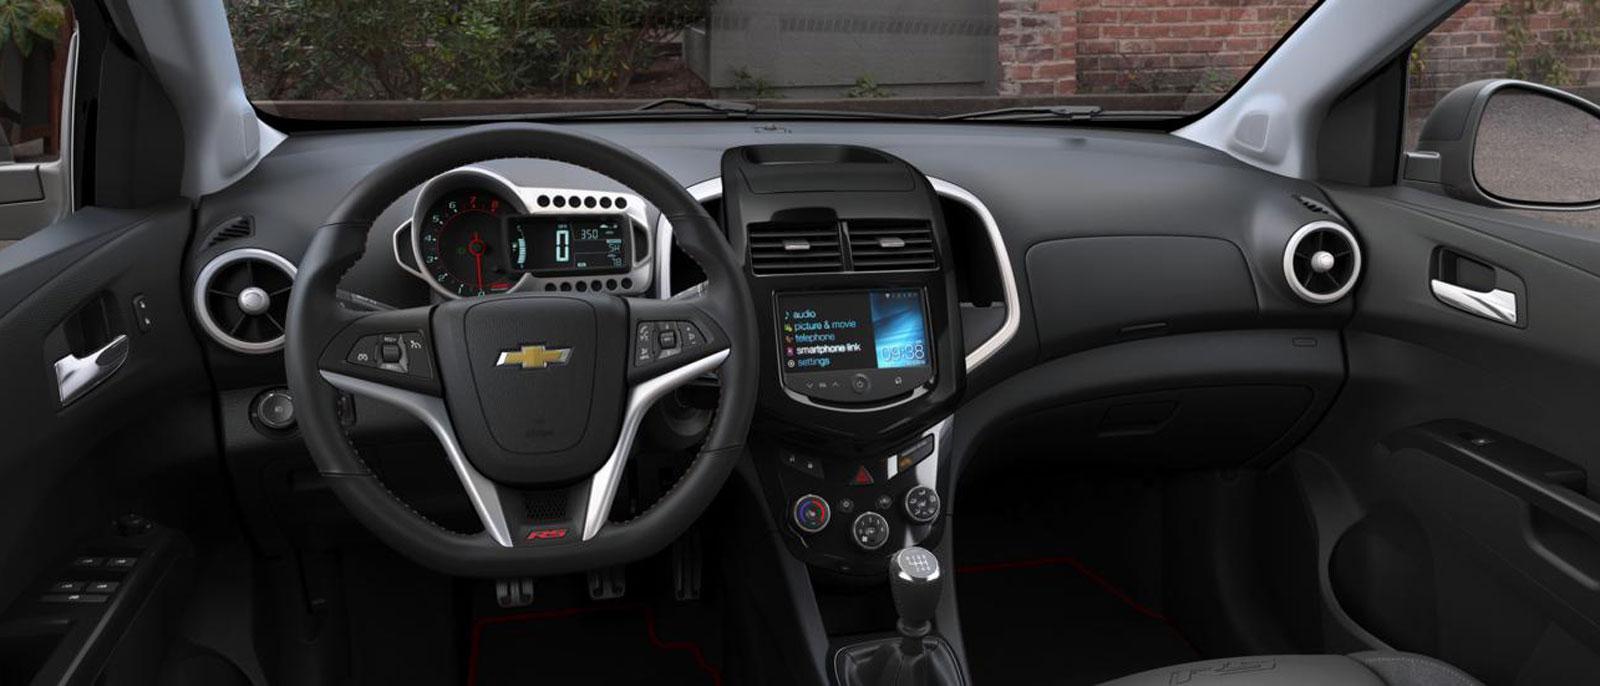 2016 Chevrolet Sonic Albany Troy Depaula Chevrolet